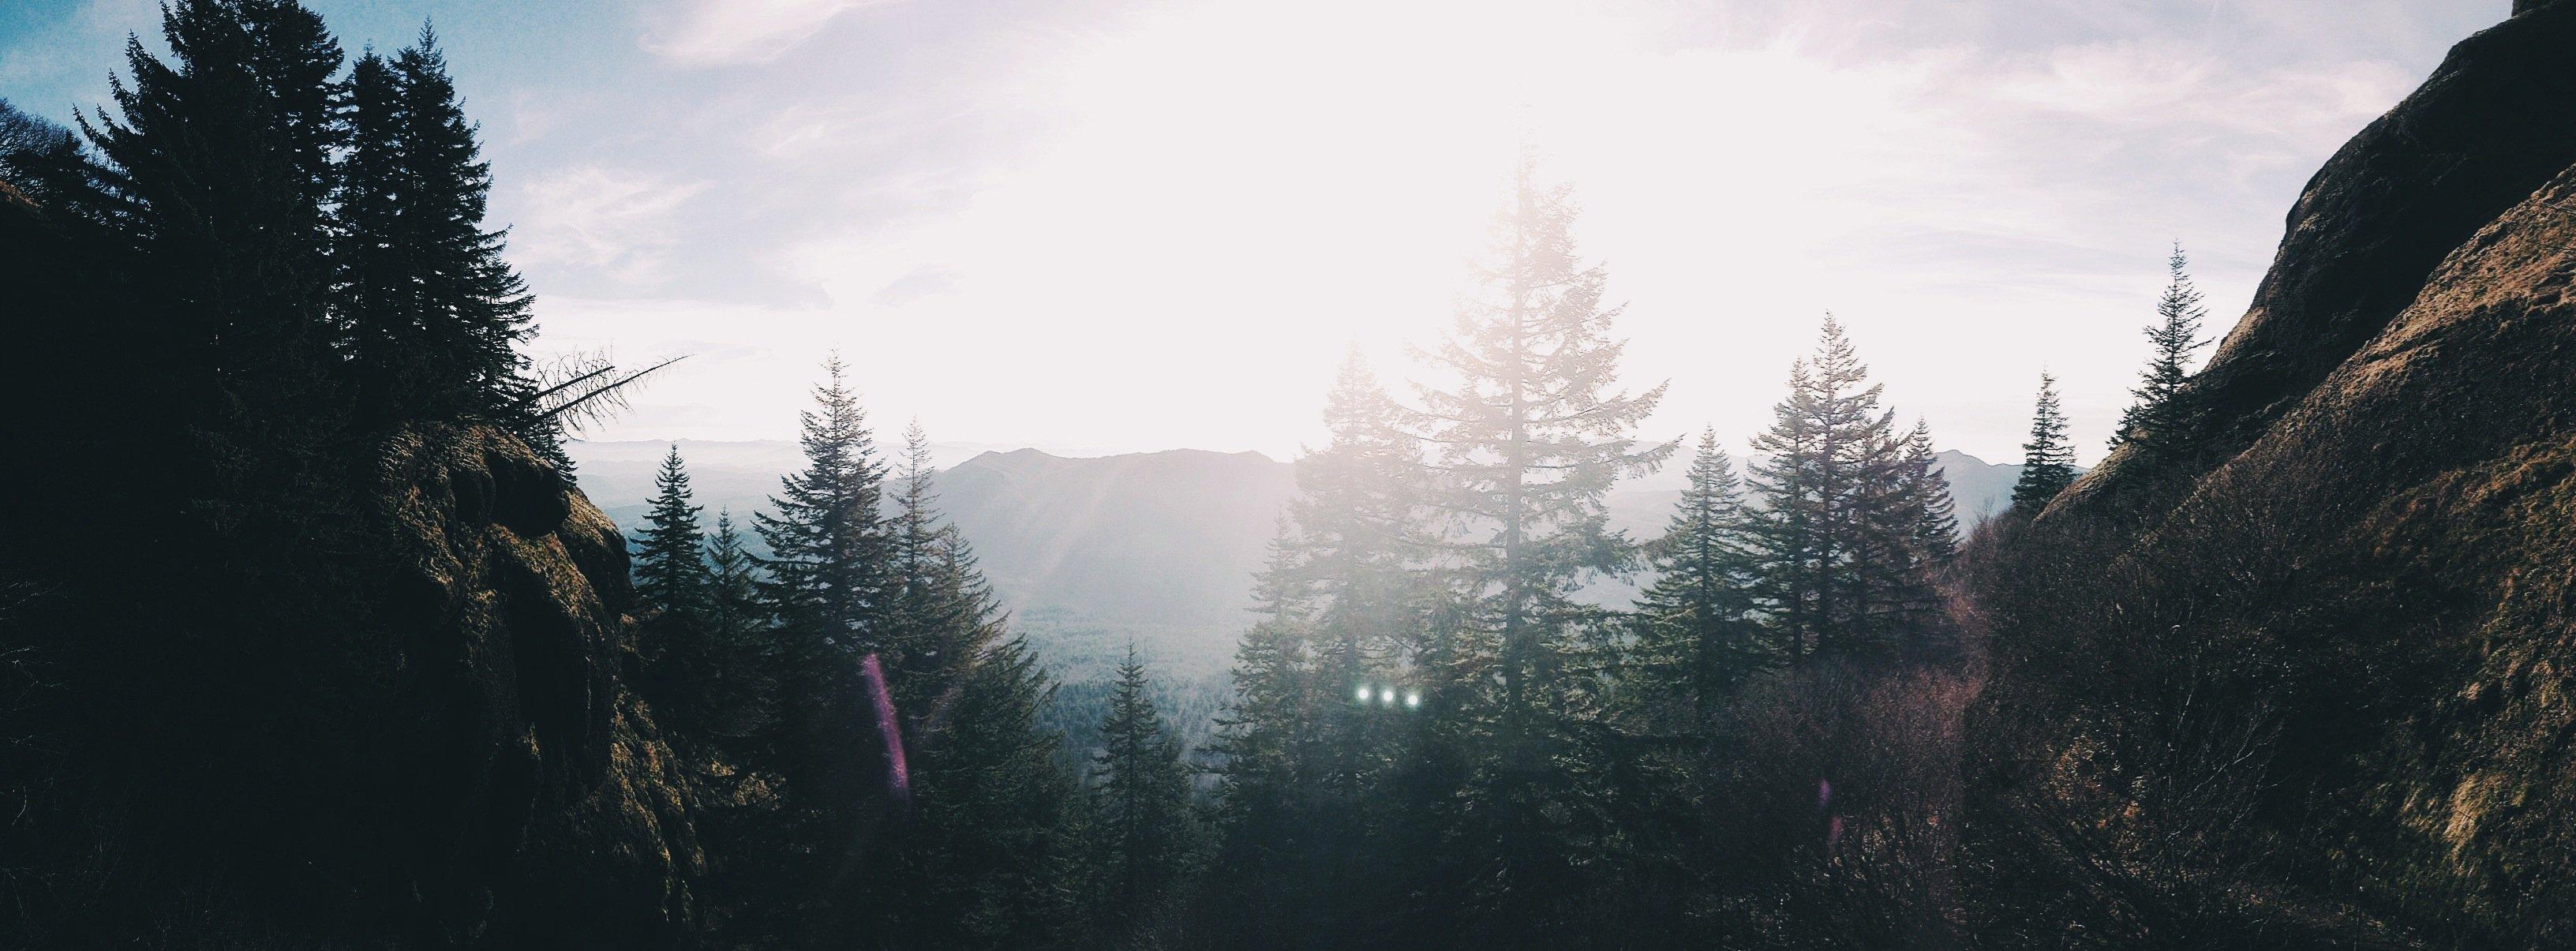 sunrays-behind-trees_t20_NV0Wjd